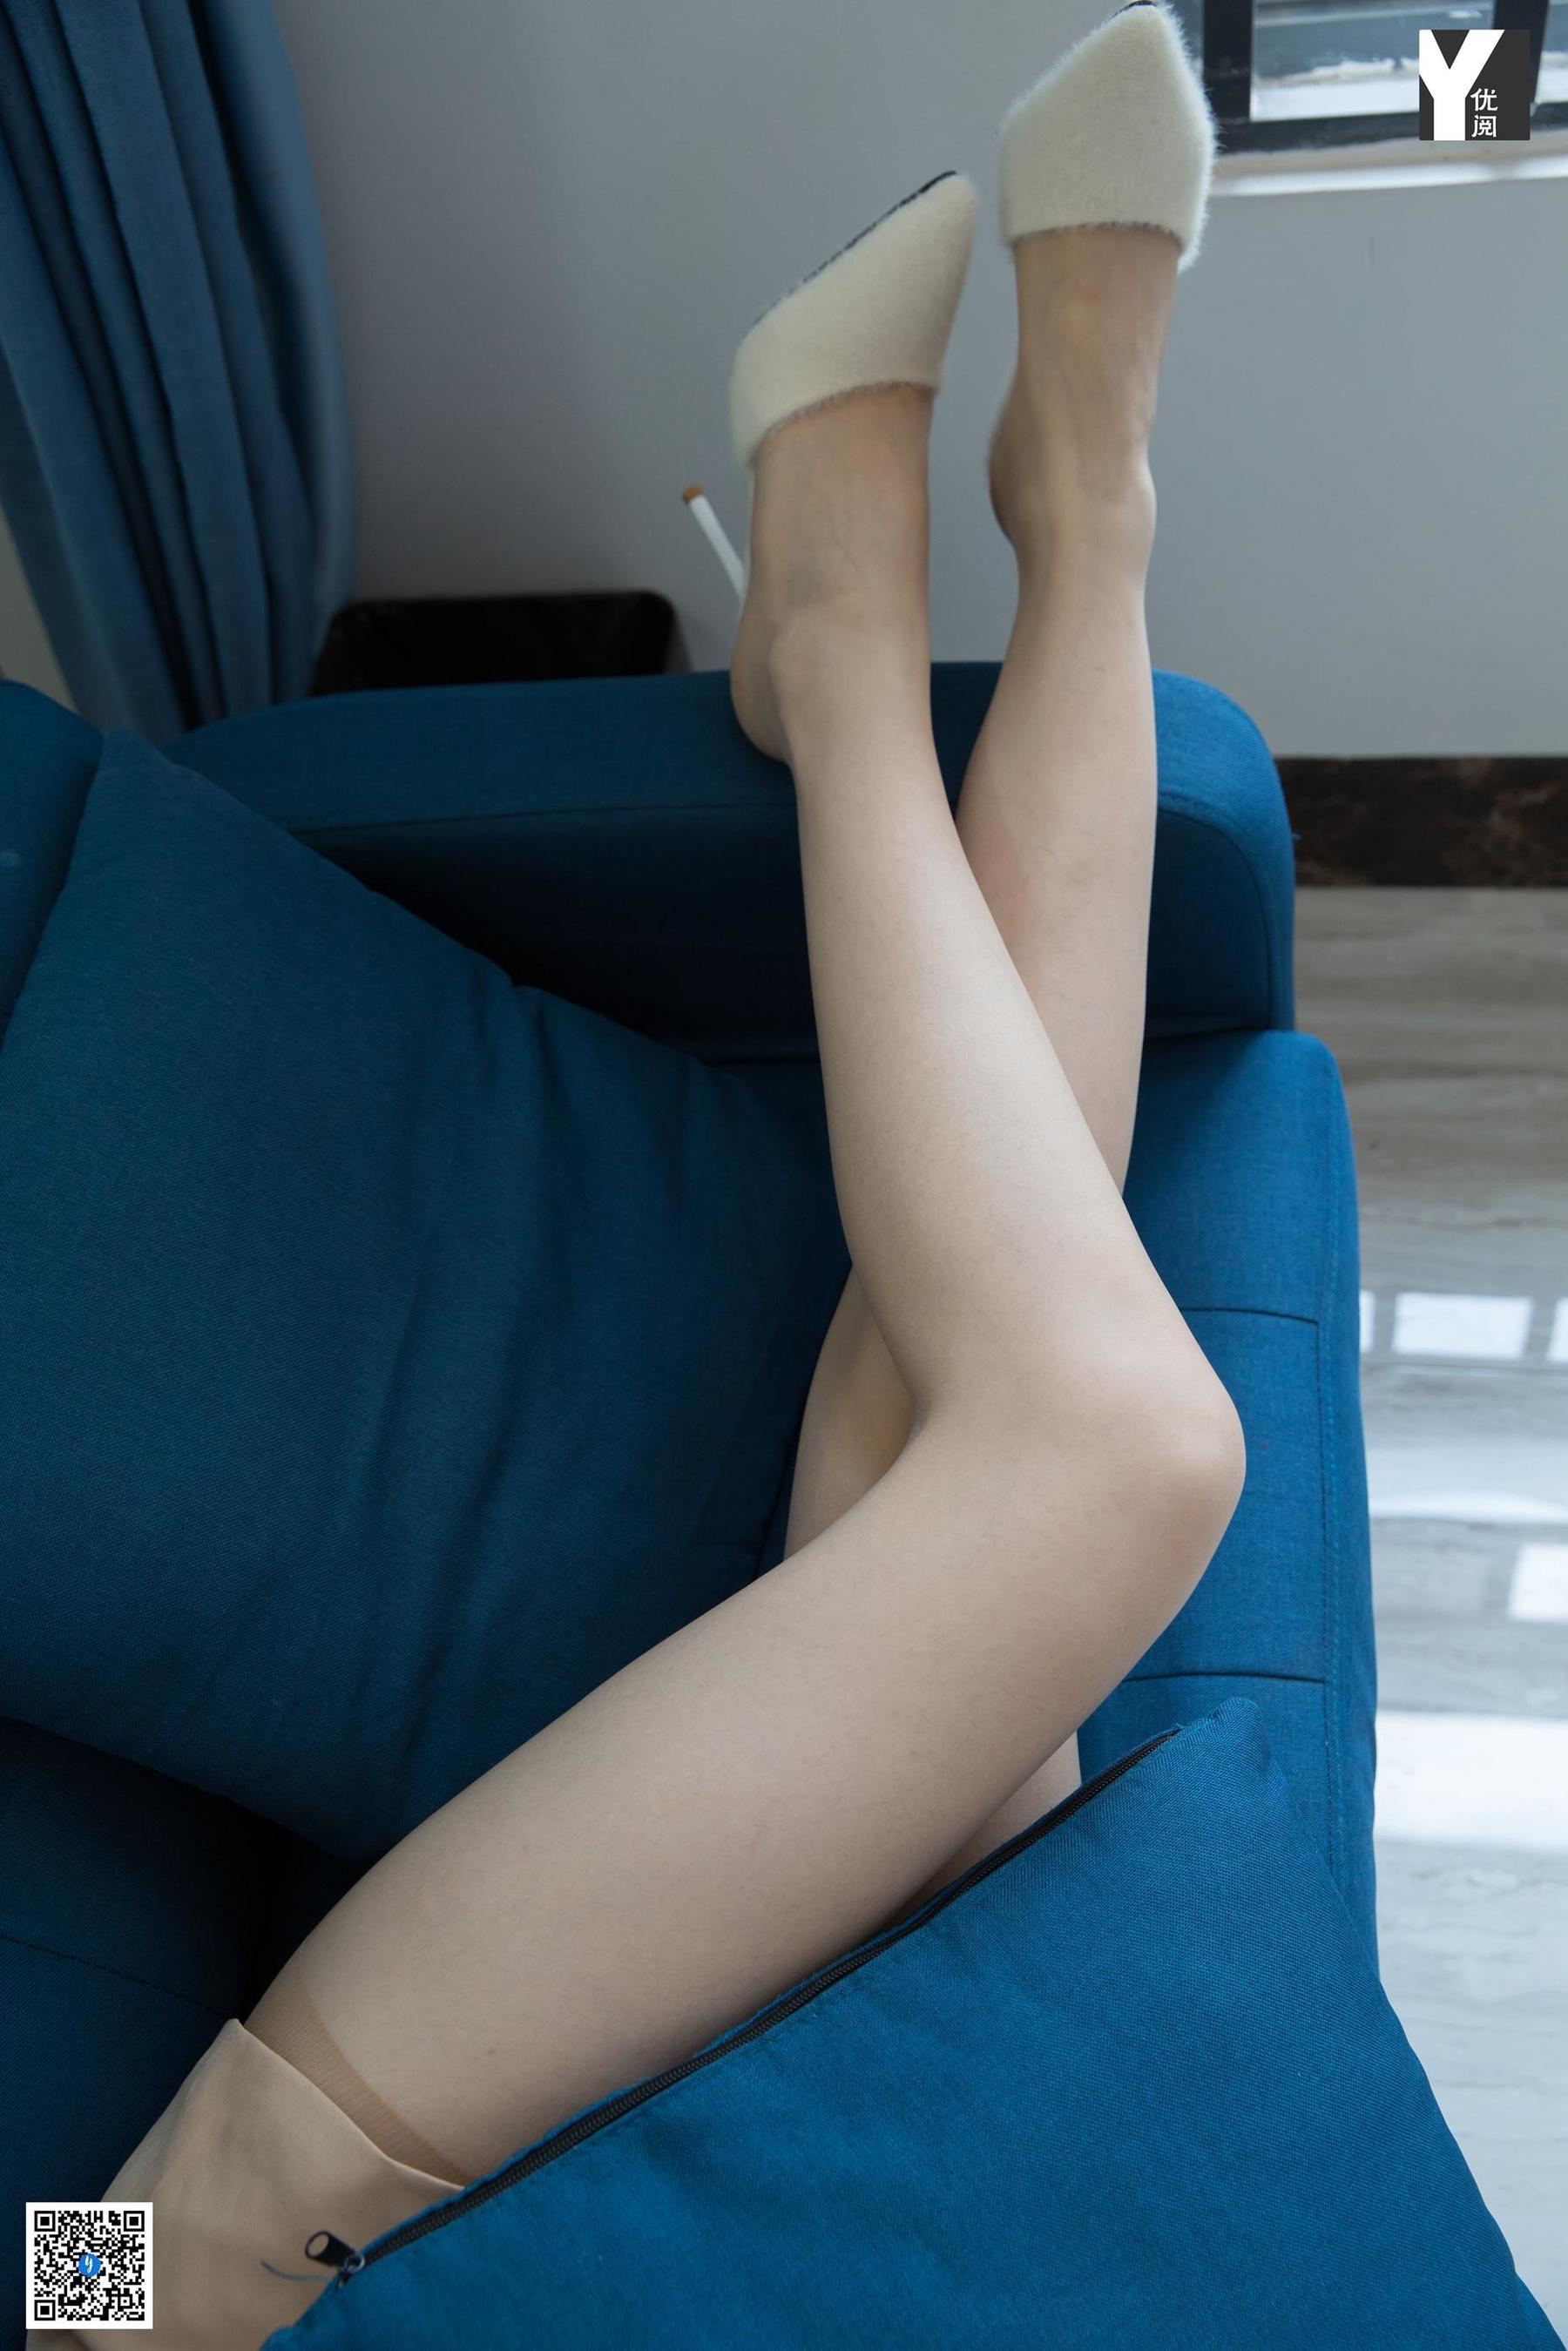 [IESS] 丝享家 764 喵姐《来一杯mojito》 丝袜美腿写真[90P]插图